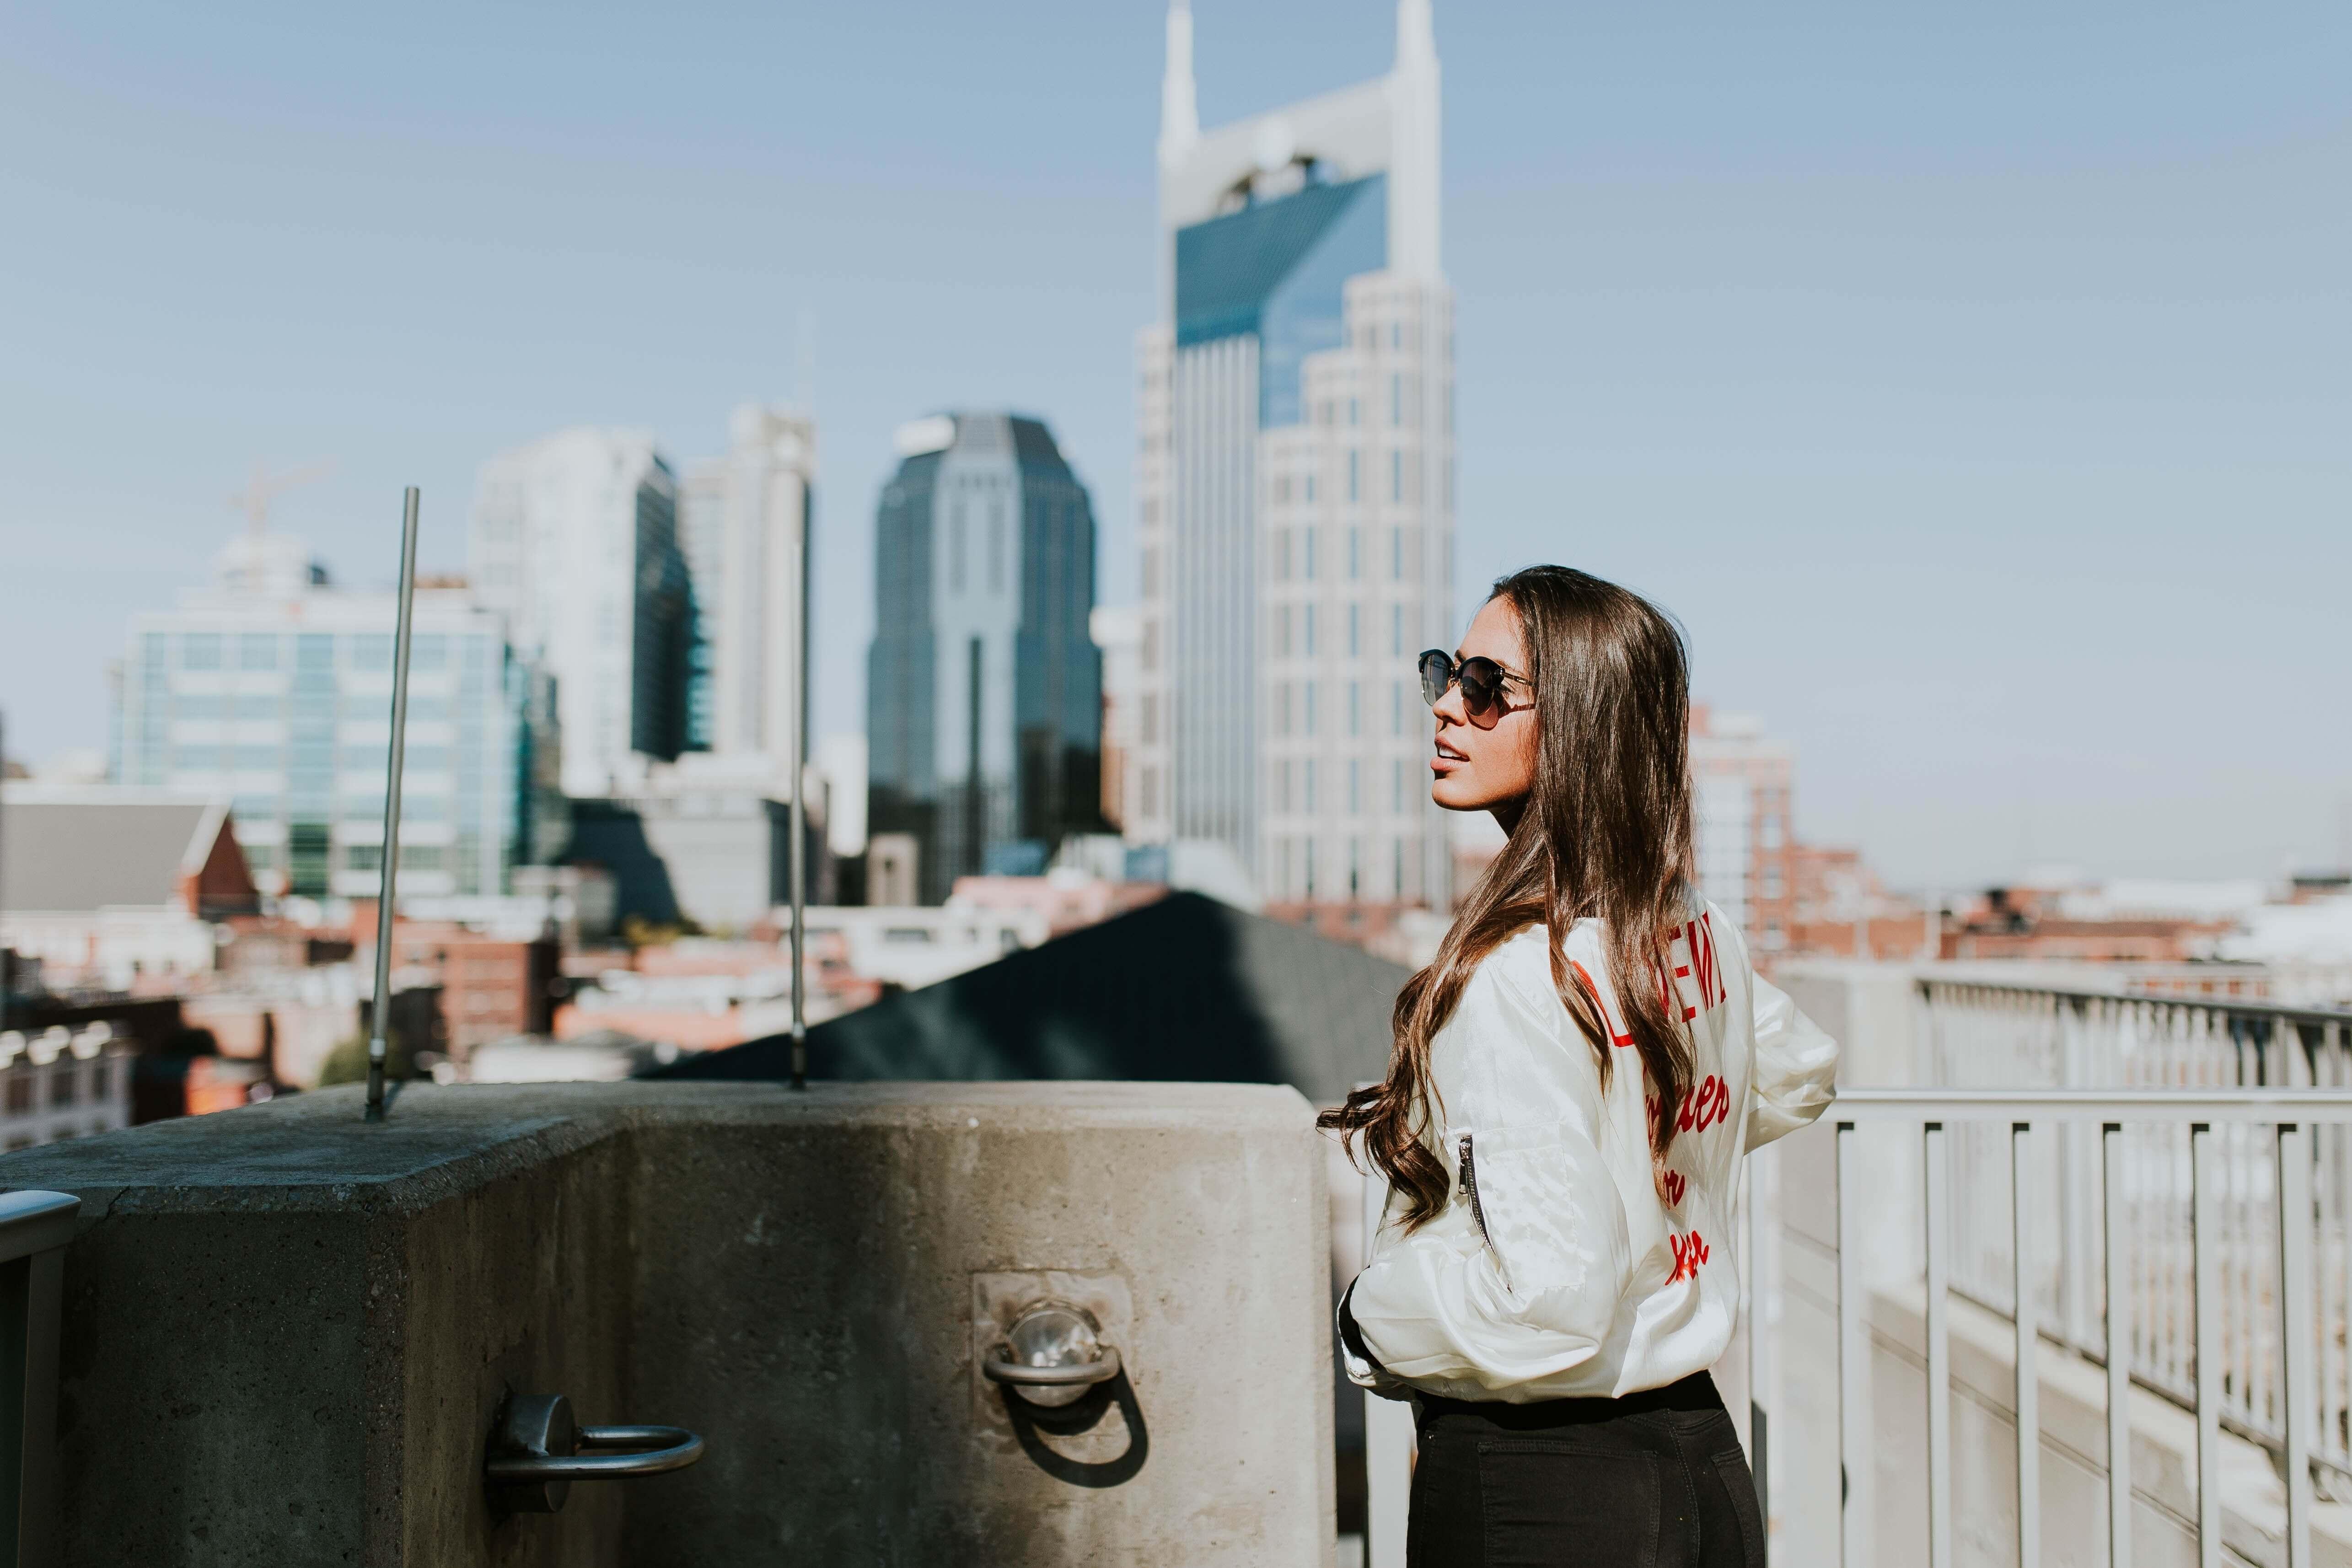 街を眺めるサングラスの女性